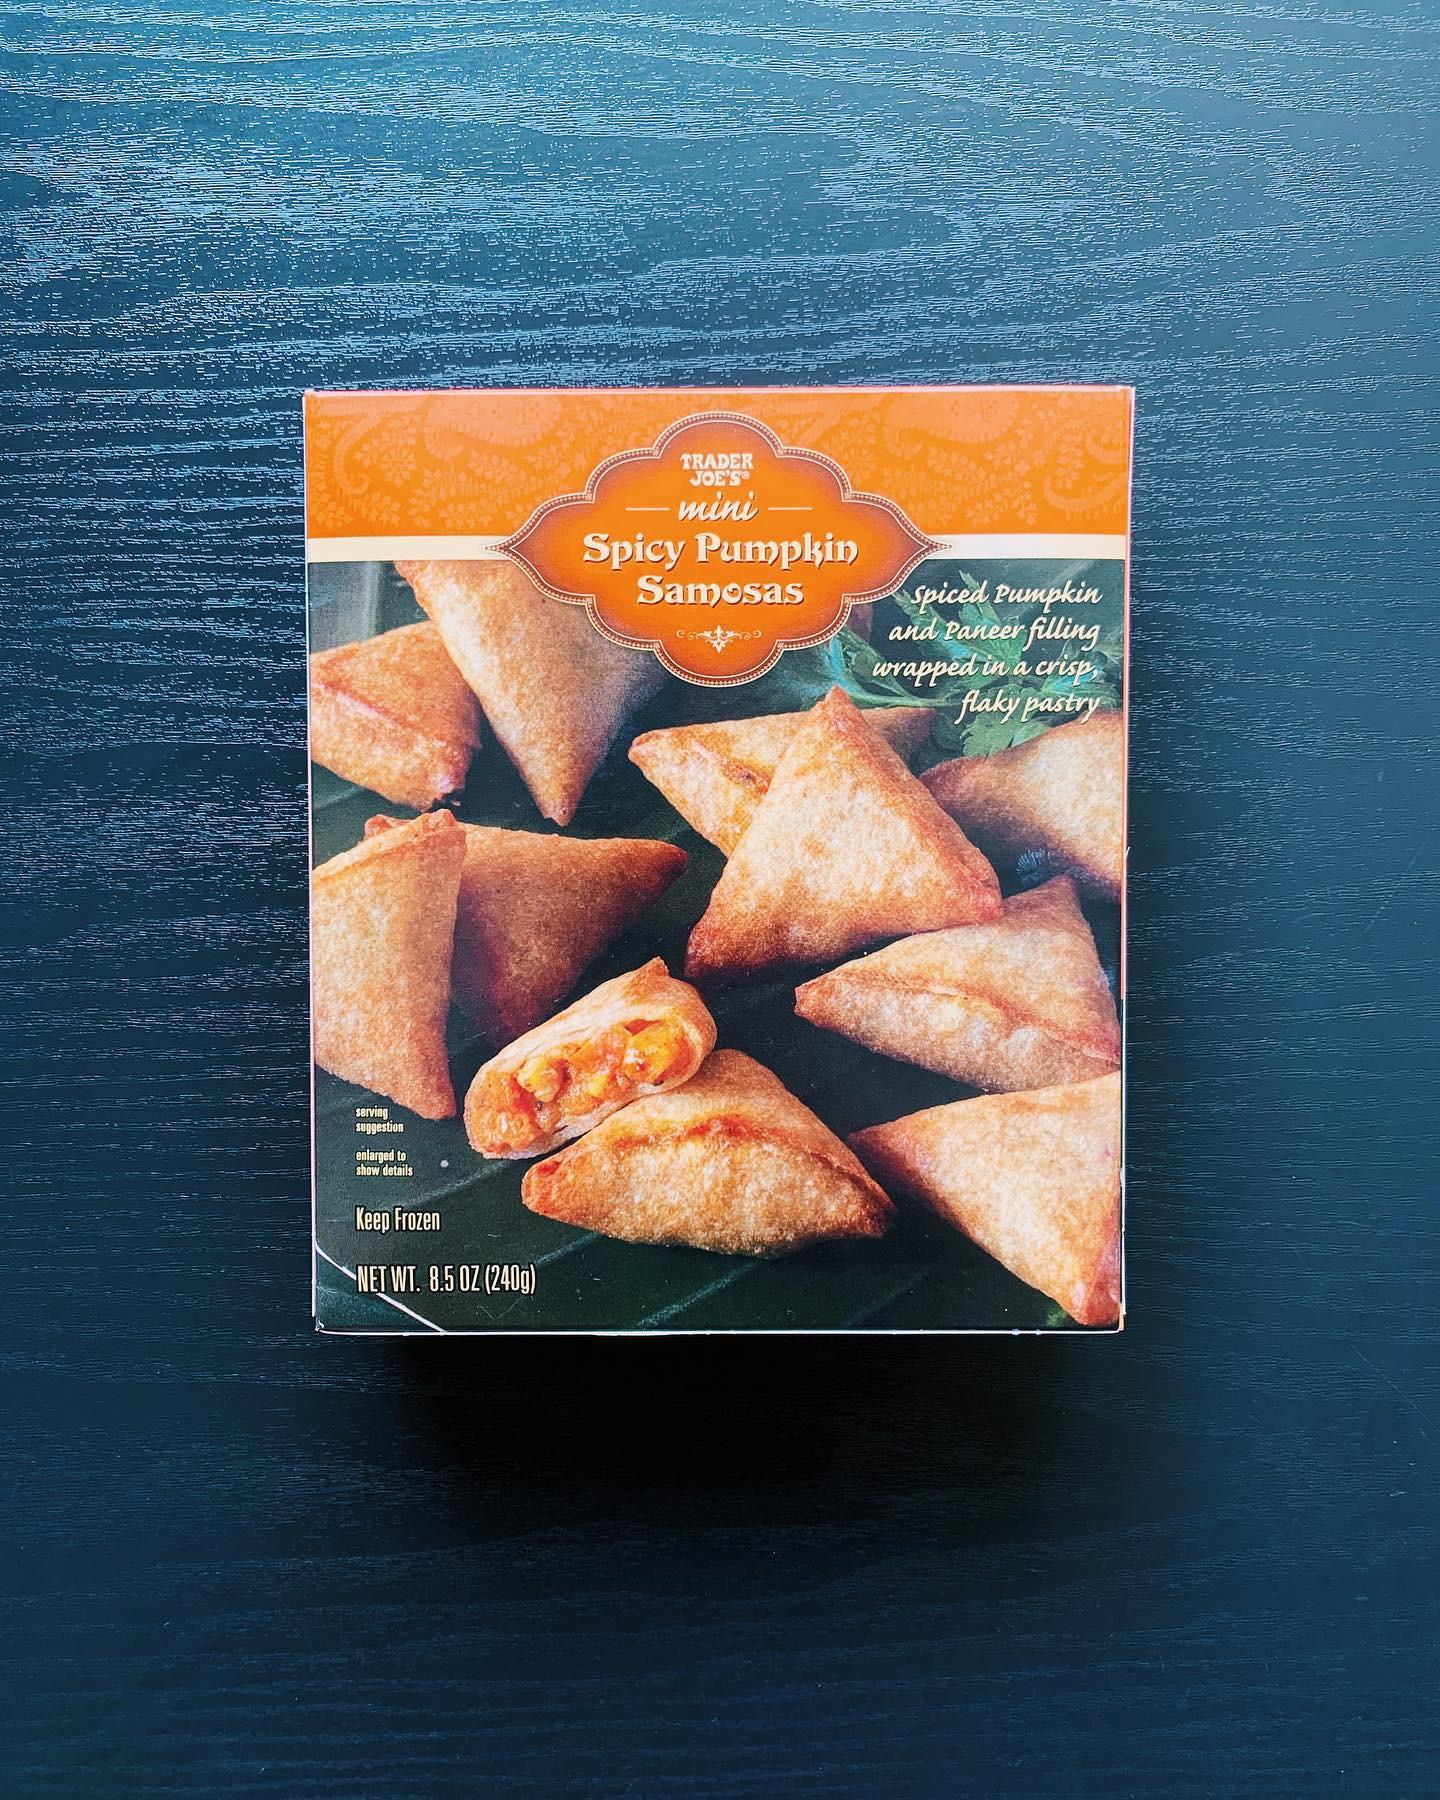 Spicy Pumpkin Samosas: 8.5/10